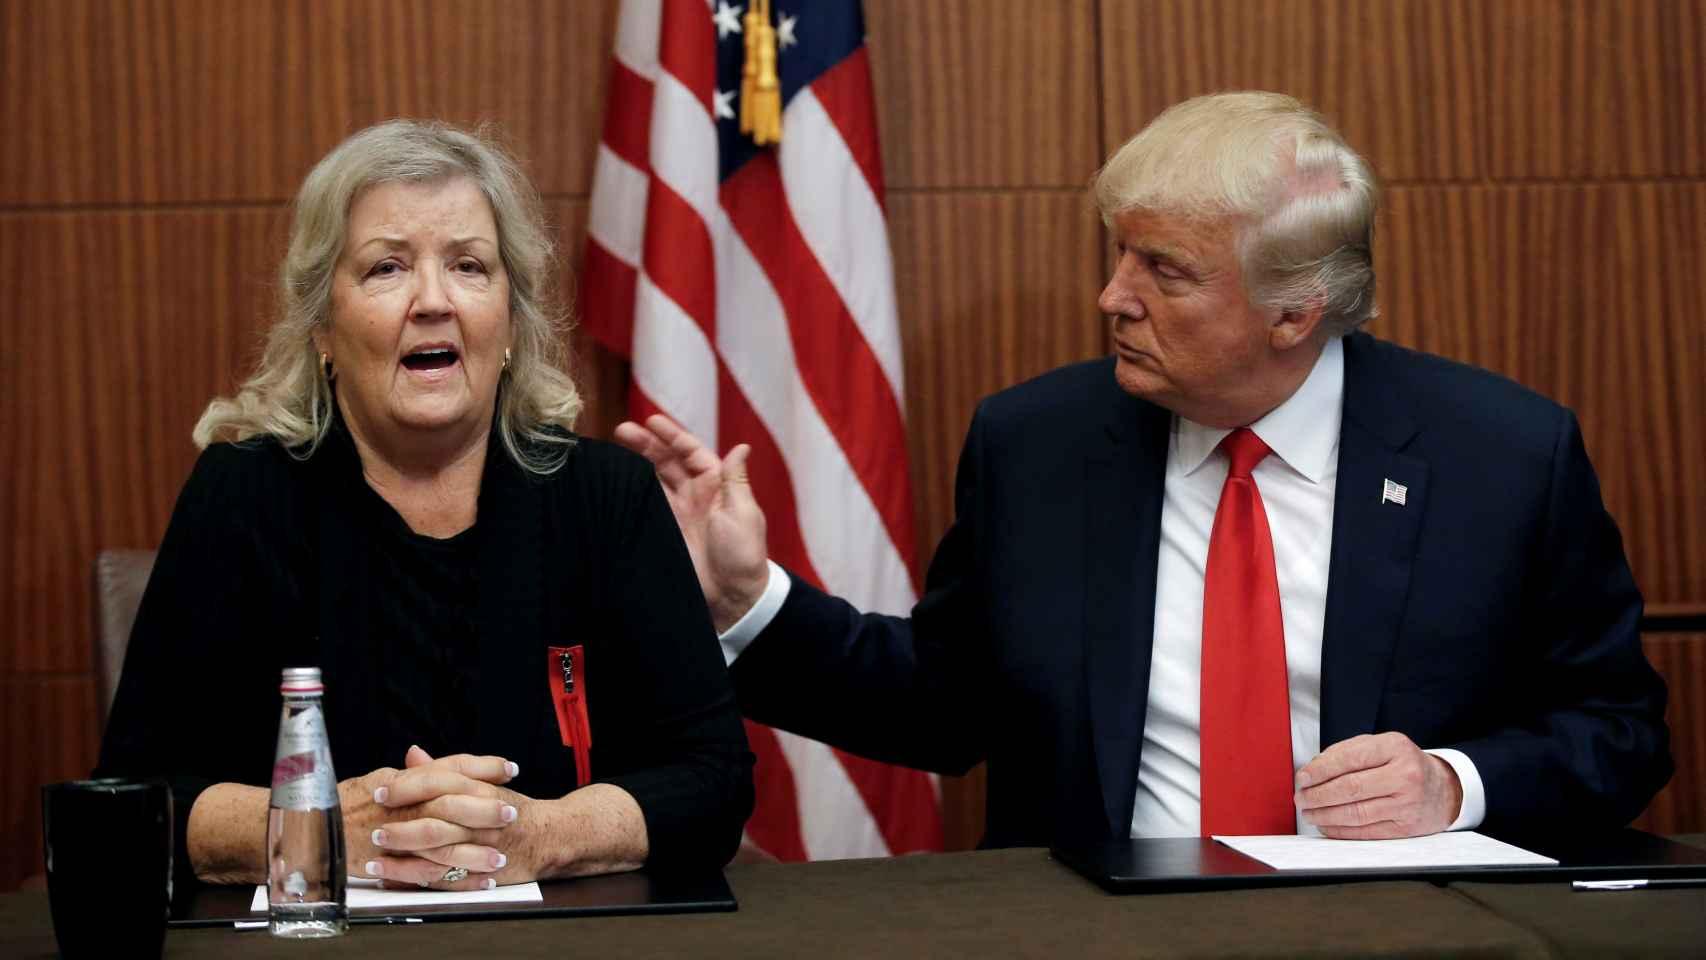 Donald Trump, en la rueda de prensa junto a Juanita Broaddrick.